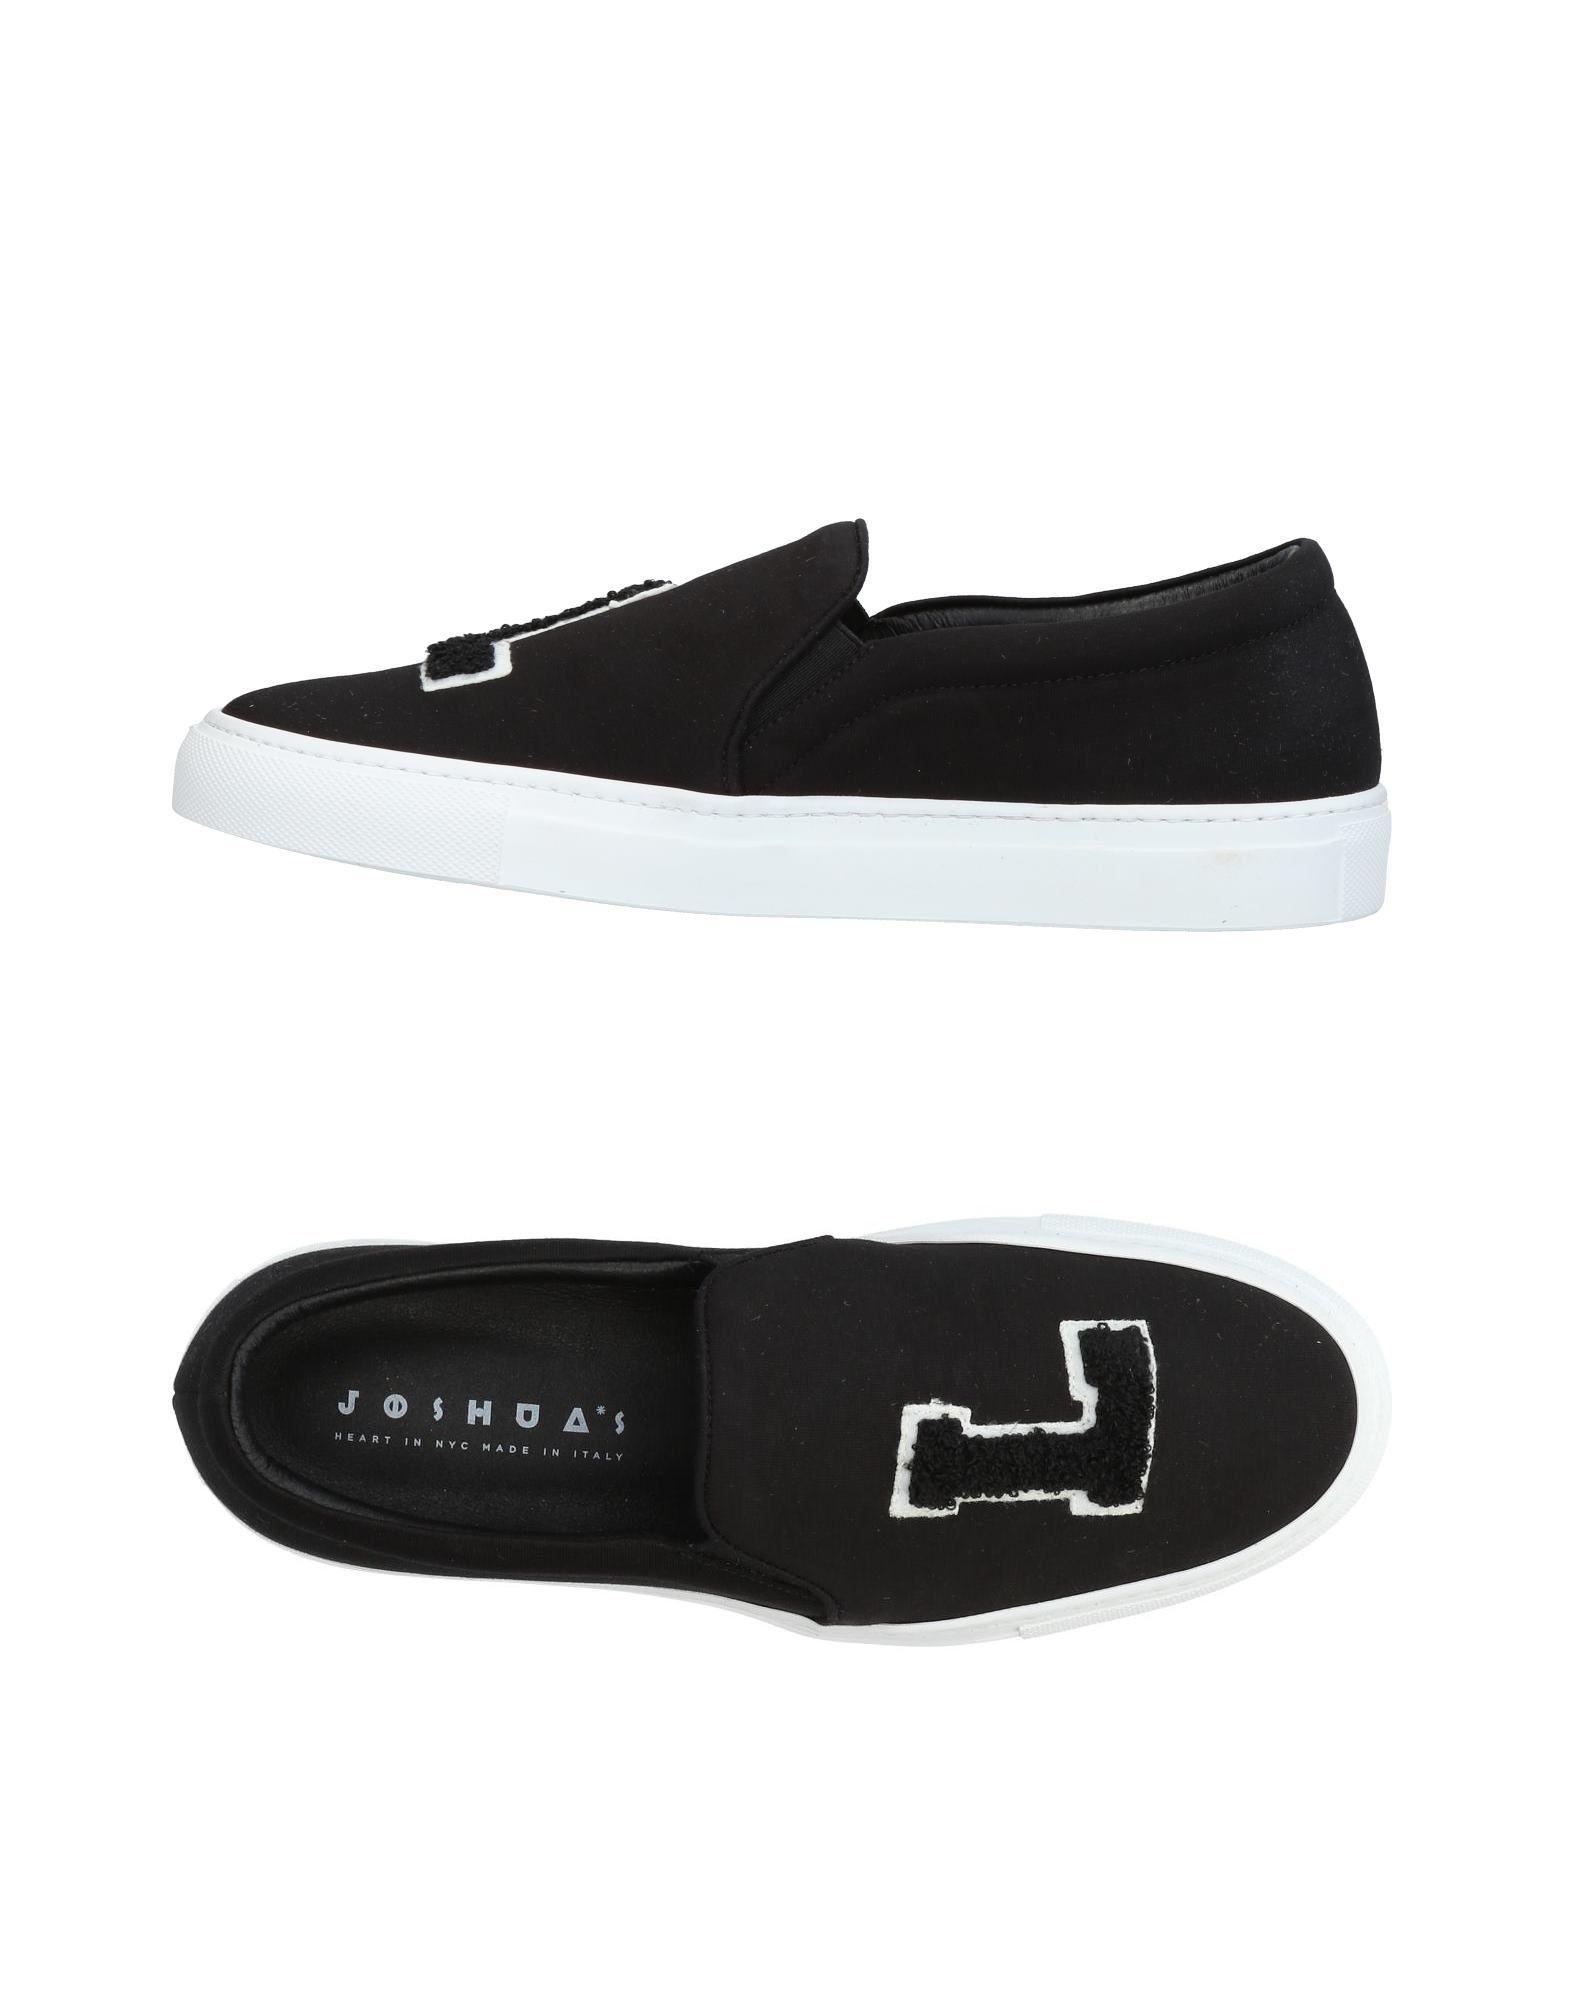 Joshua*S Sneakers Herren  11354756OC Gute Qualität beliebte Schuhe